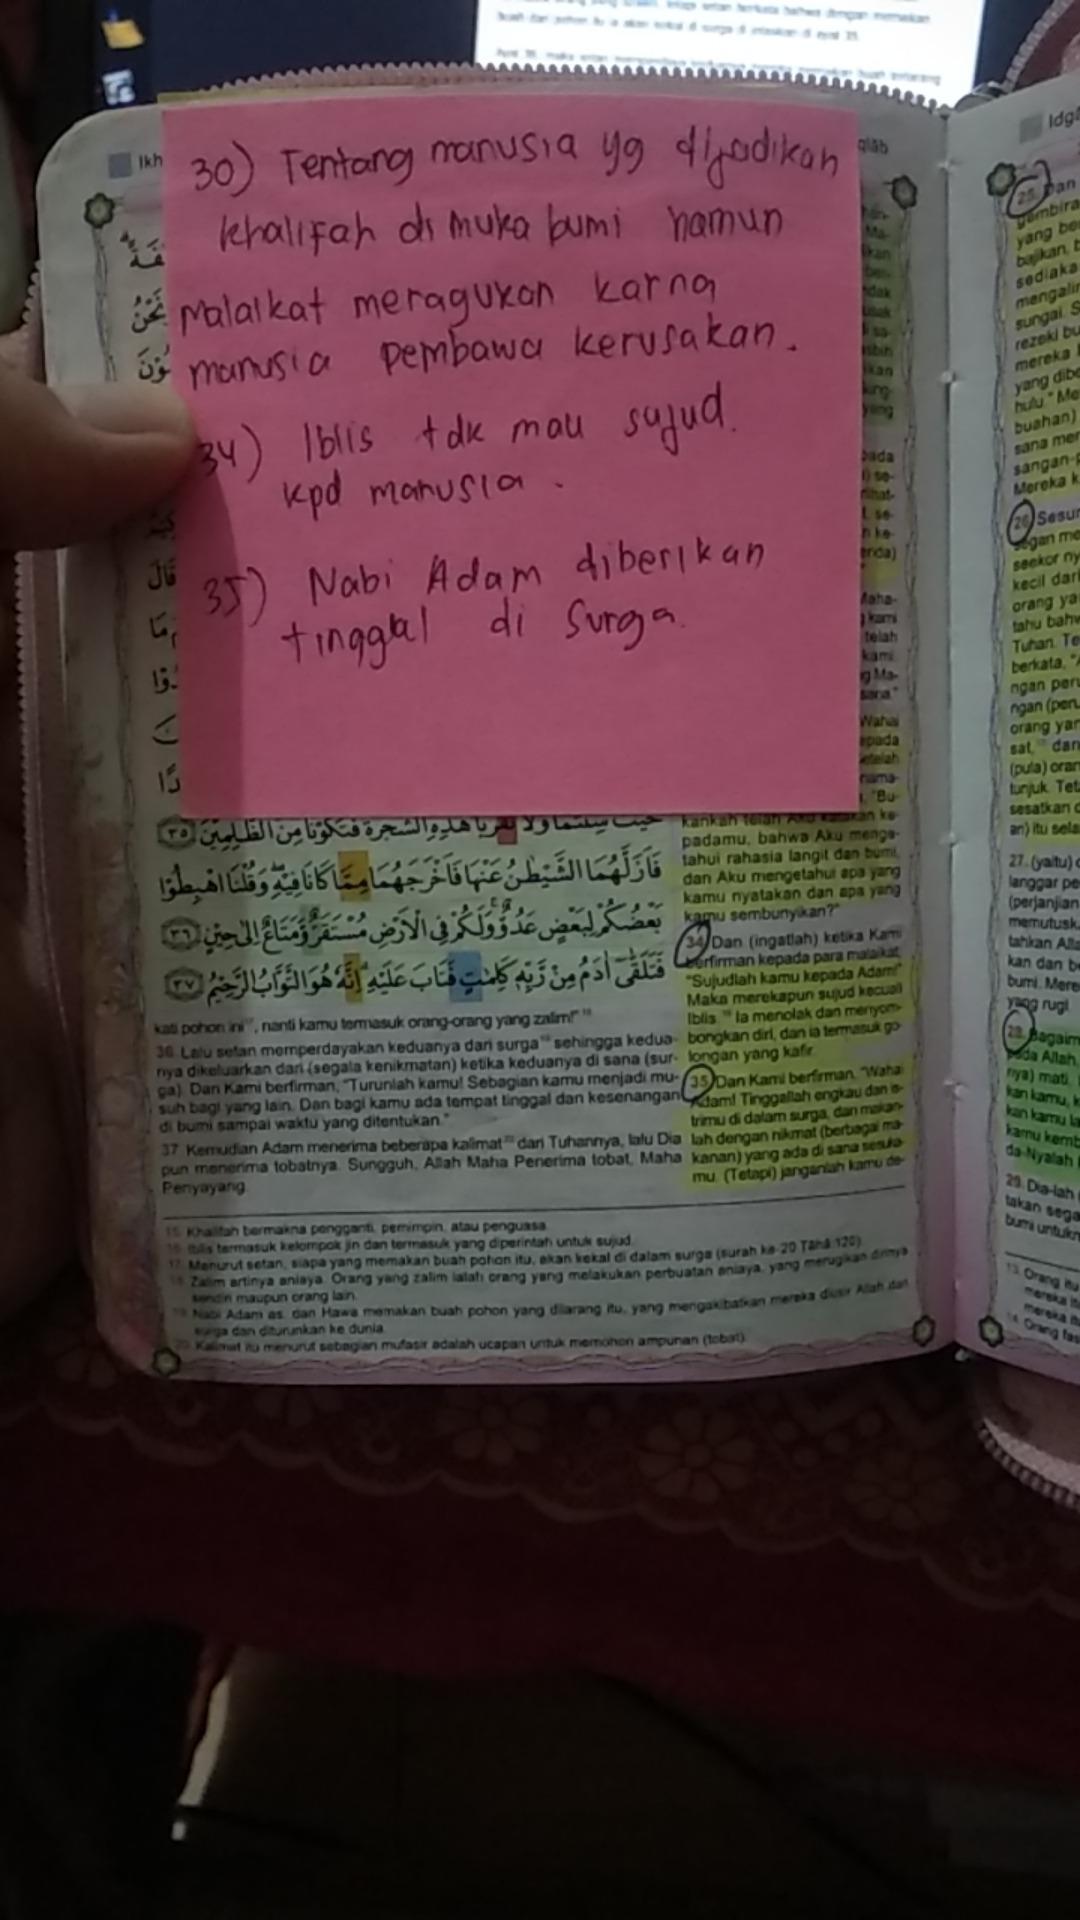 Qs Al Baqarah Ayat 30 Beserta Artinya : baqarah, beserta, artinya, Syifagaida